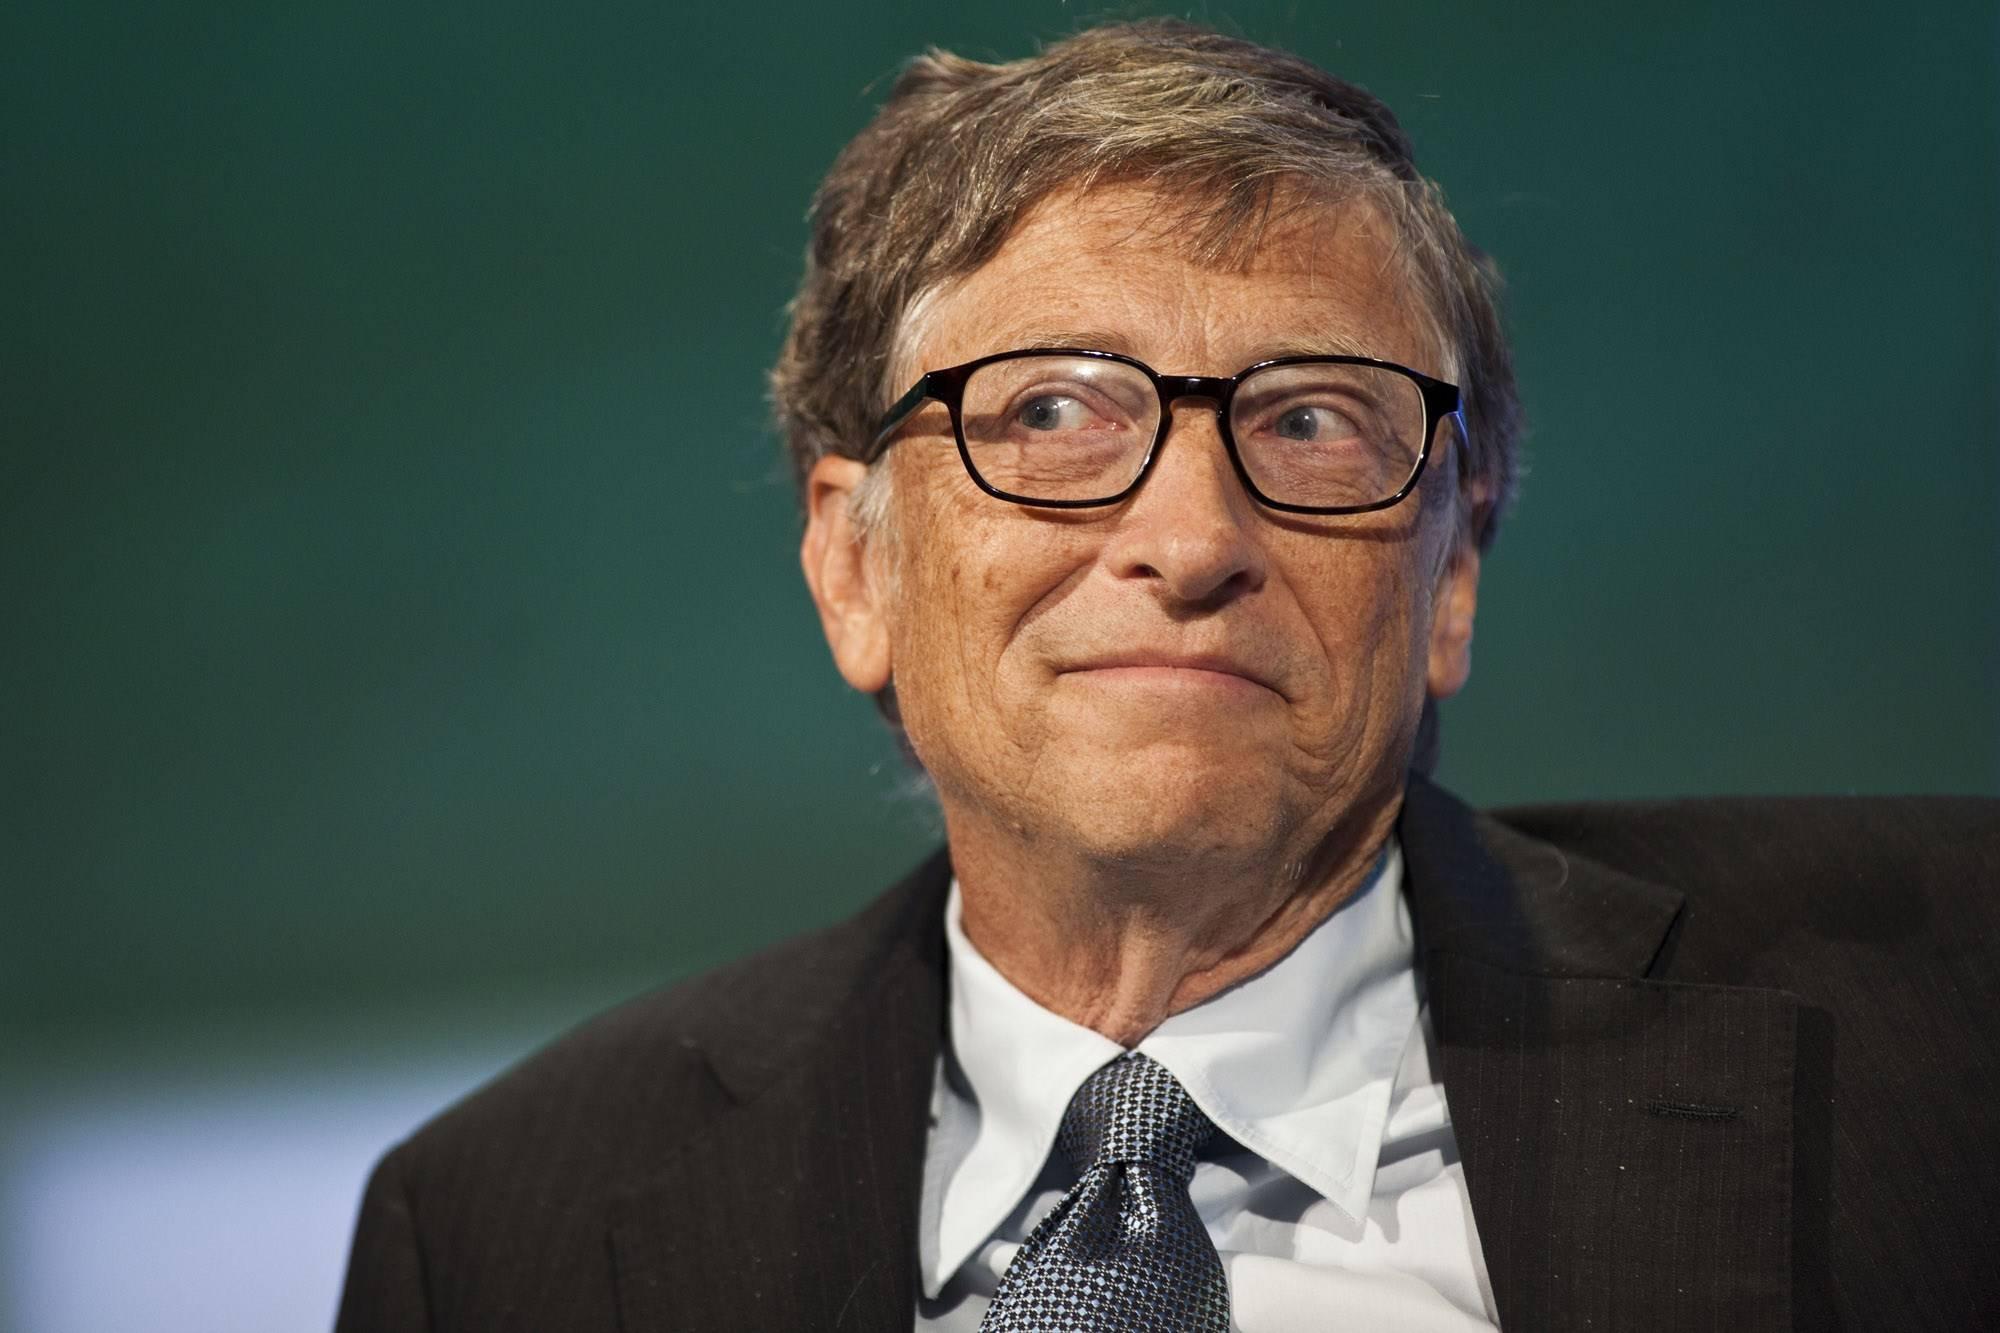 """【Jin句】比尔盖茨:""""虽然我从大学辍学后在软件行业有一番建树,但是获得学位是更可靠的成功之路"""""""